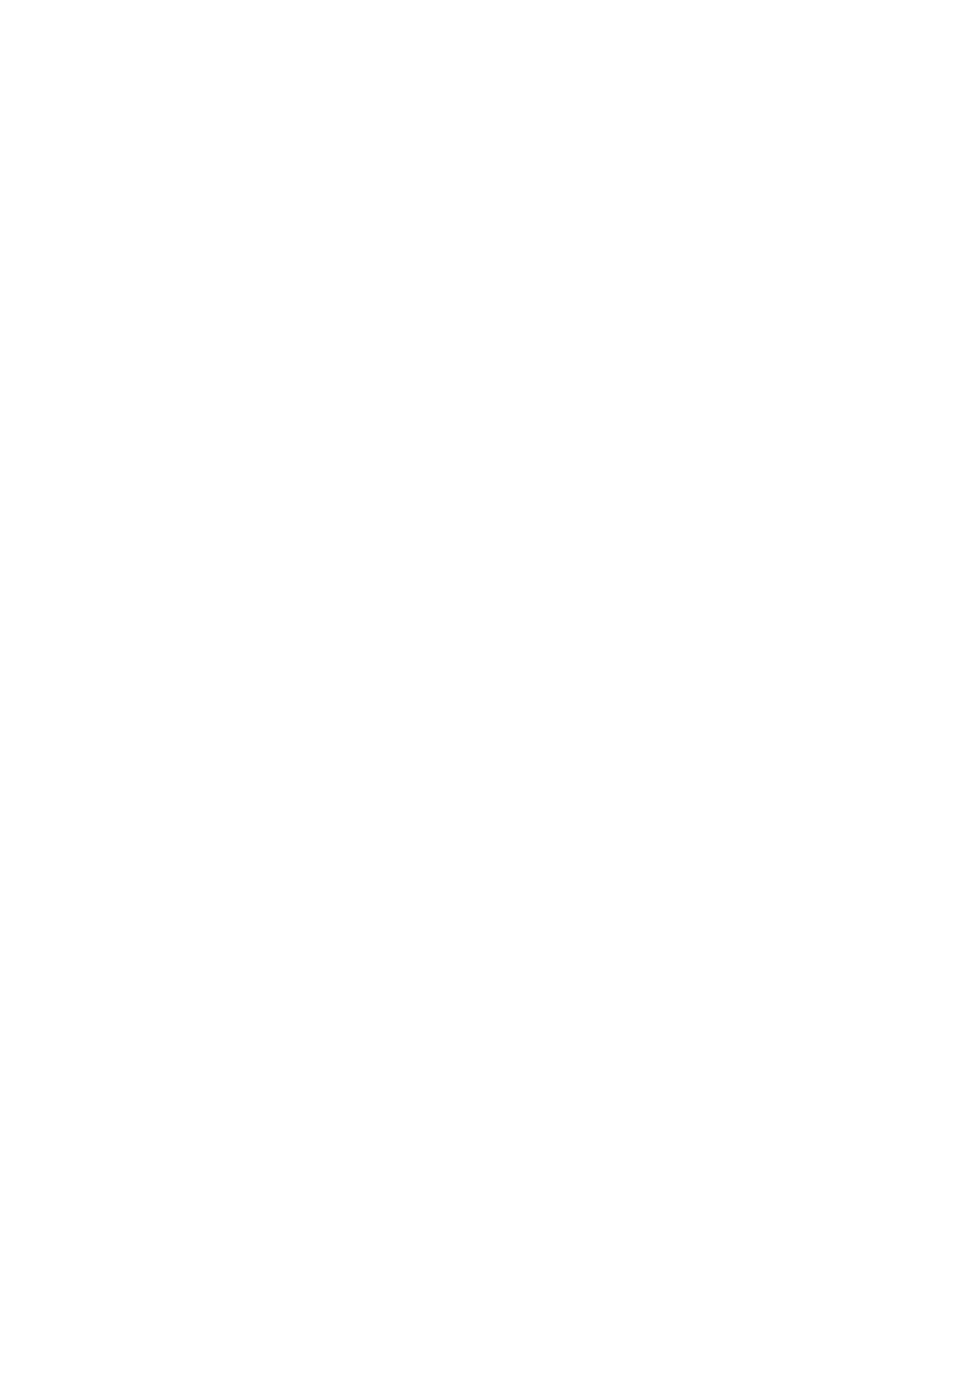 [Dozamura] Doguu -Dozamura Guuwa- Kuro 233